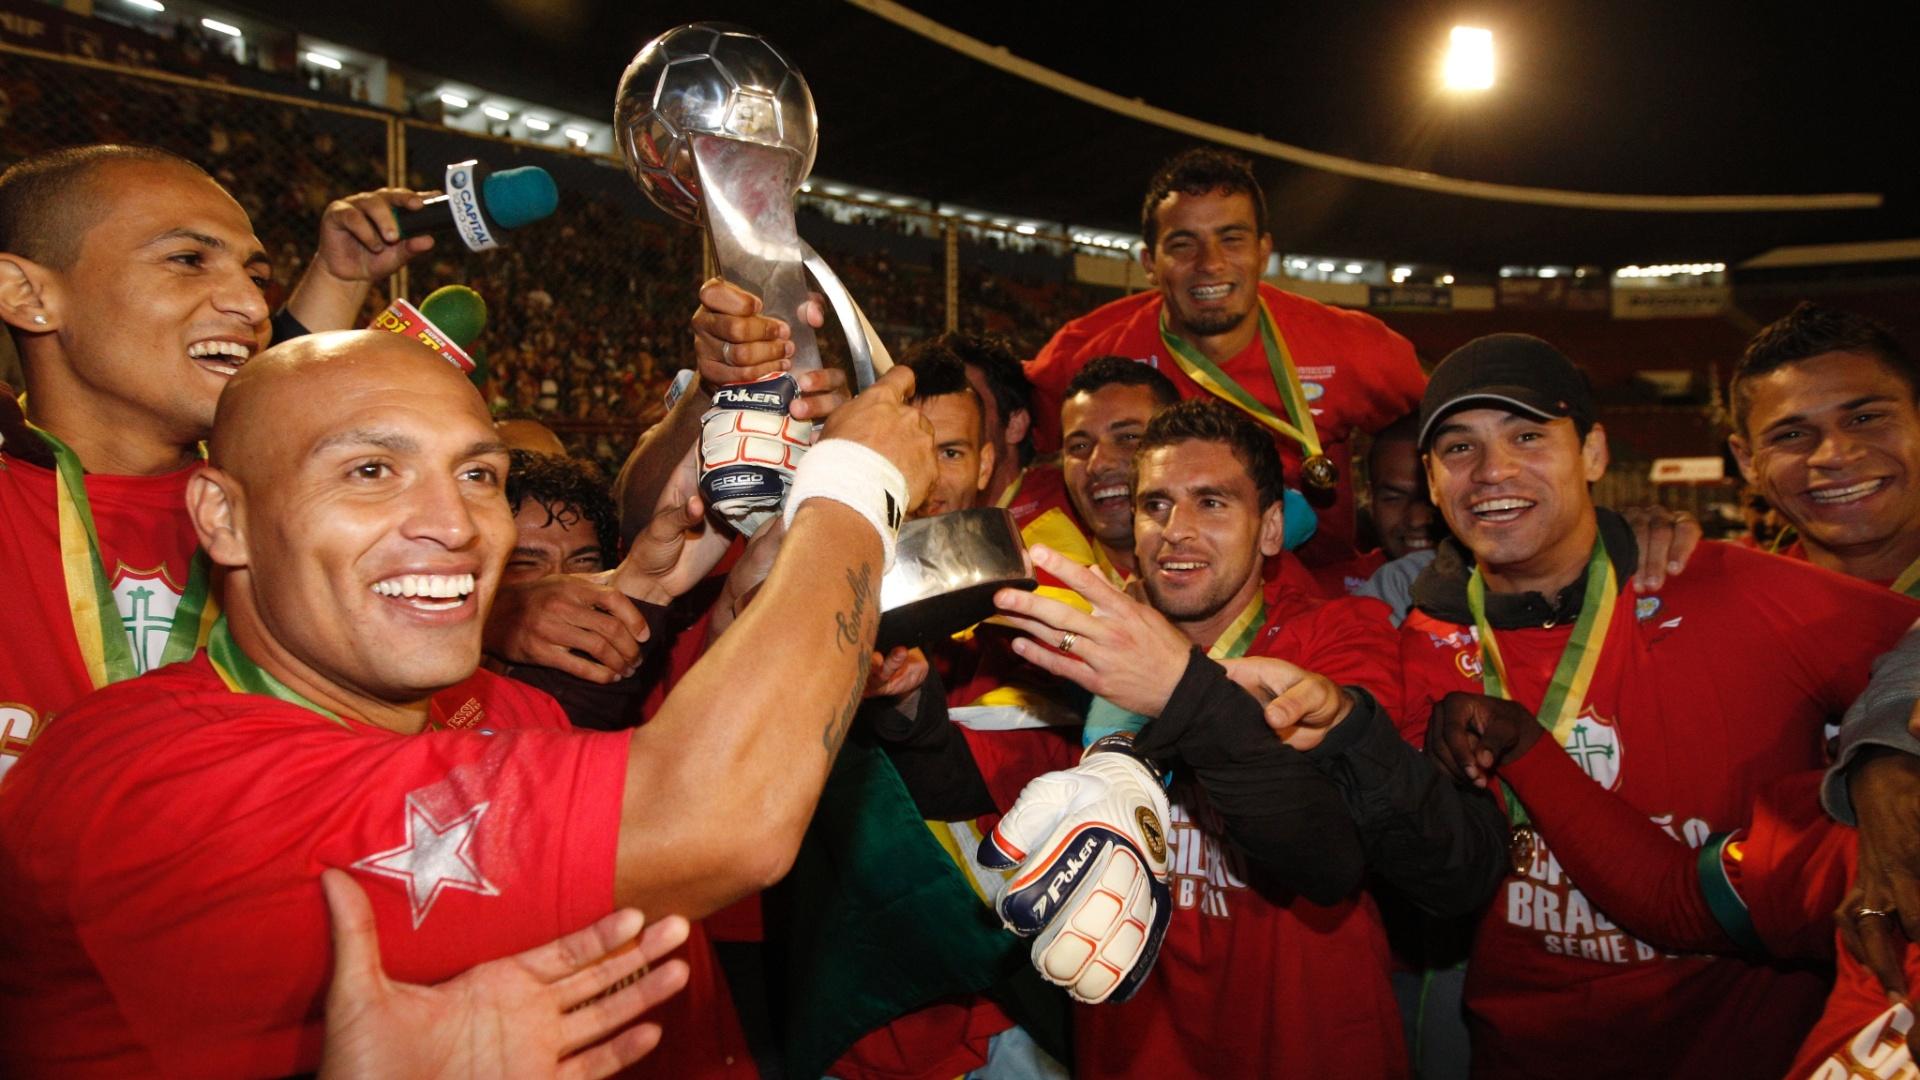 Equipe da Portuguesa comemora o título da Série B do Brasileiro, no estádio do Canindé